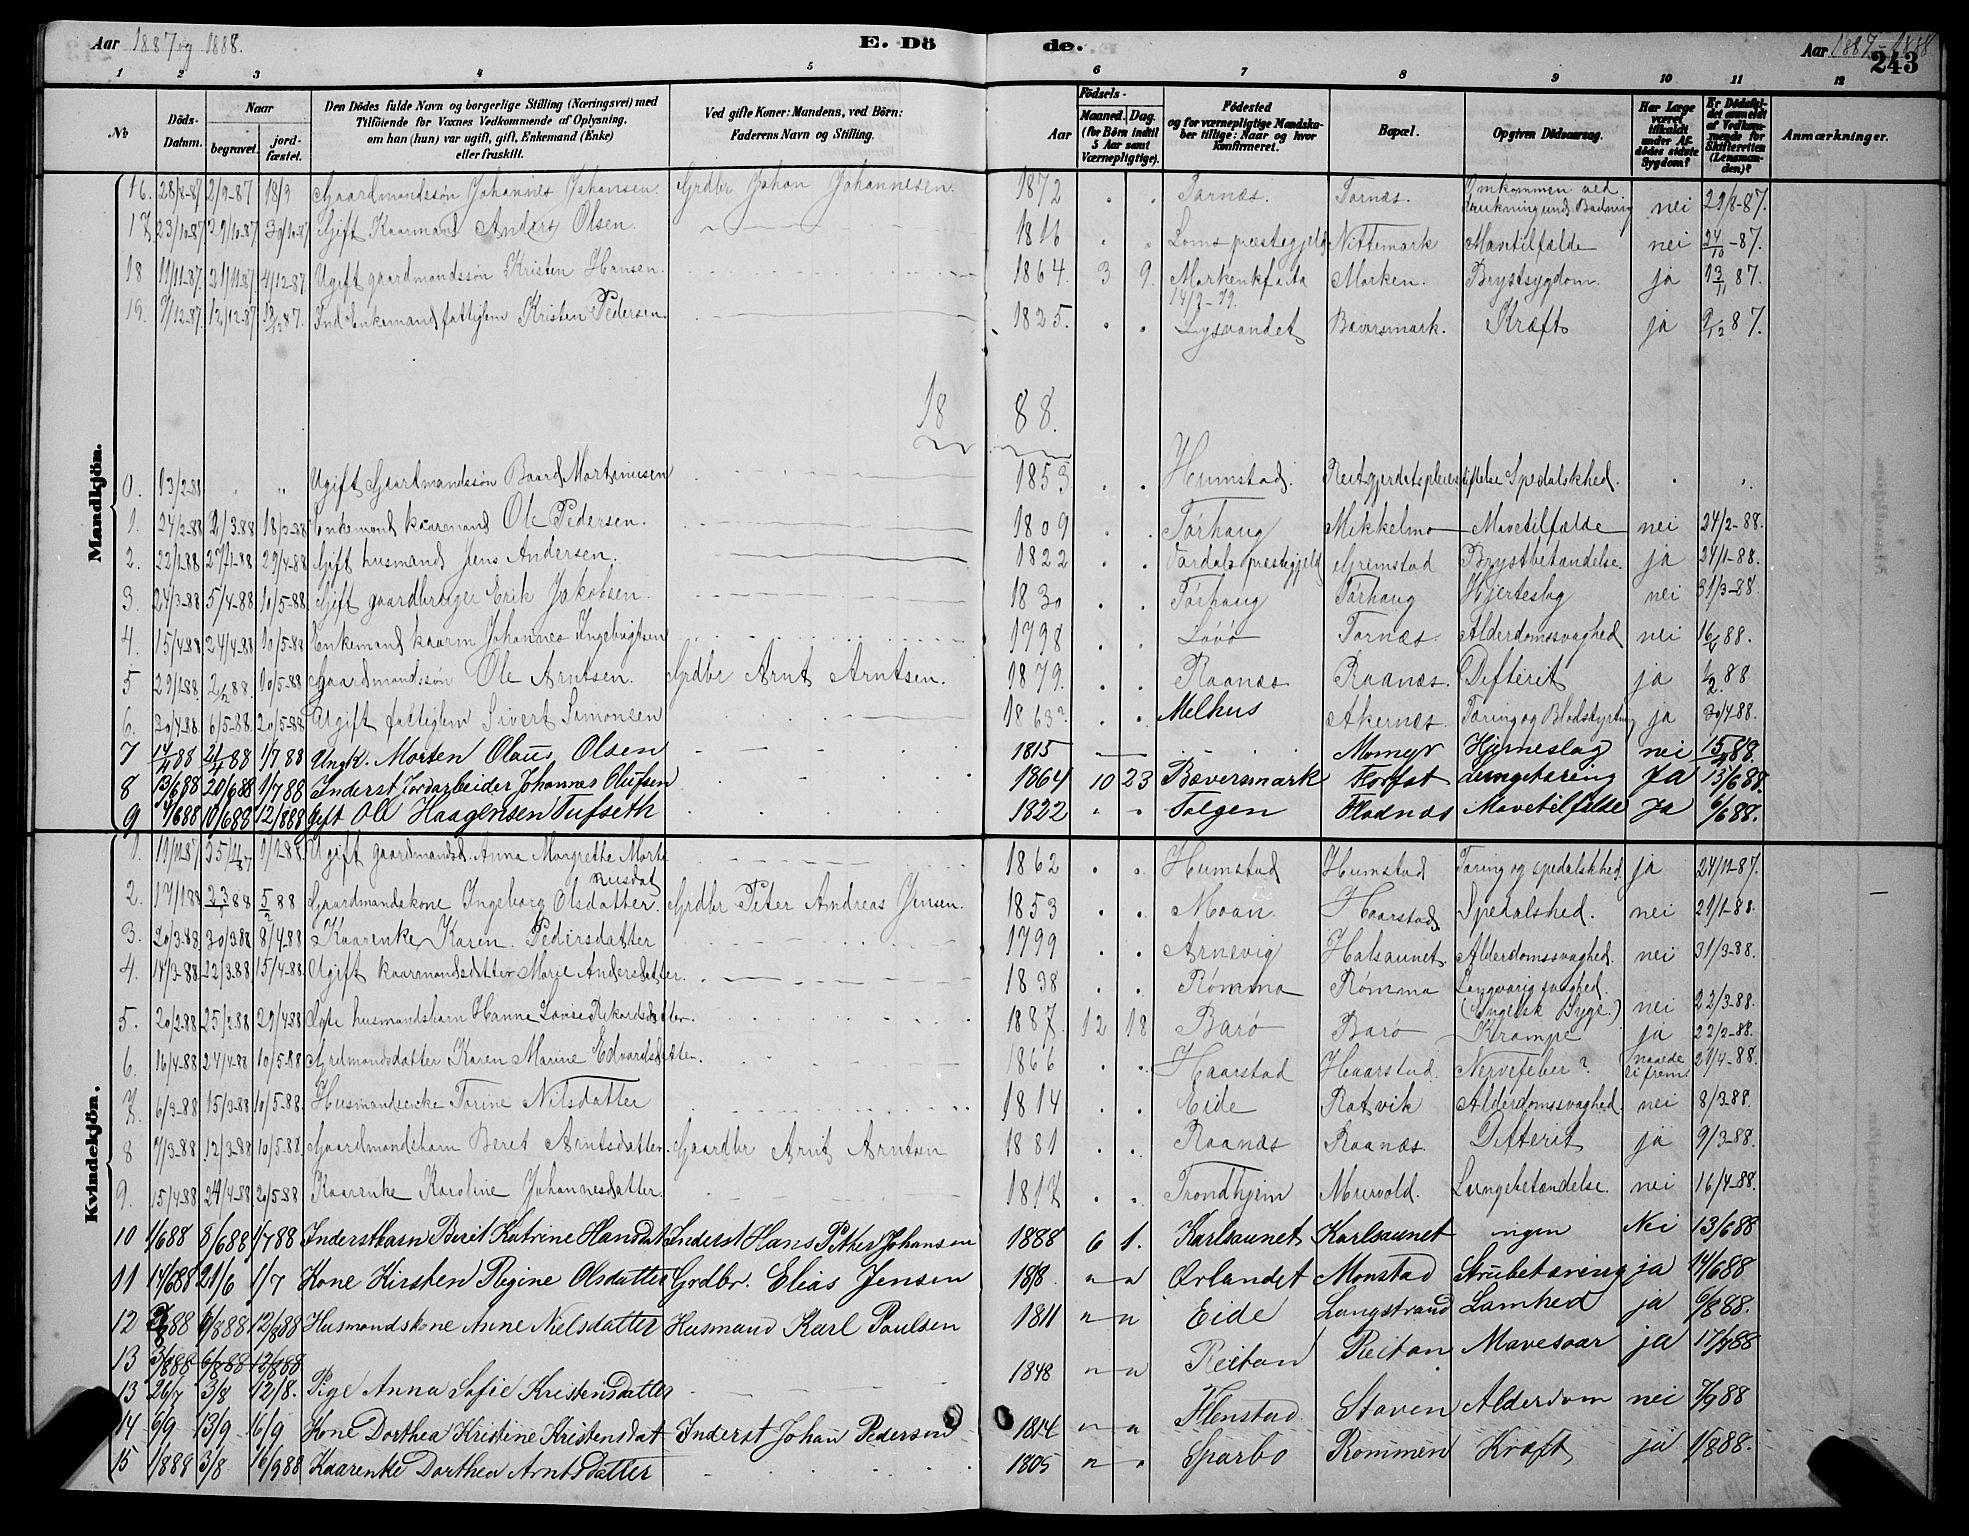 SAT, Ministerialprotokoller, klokkerbøker og fødselsregistre - Sør-Trøndelag, 655/L0687: Klokkerbok nr. 655C03, 1880-1898, s. 243